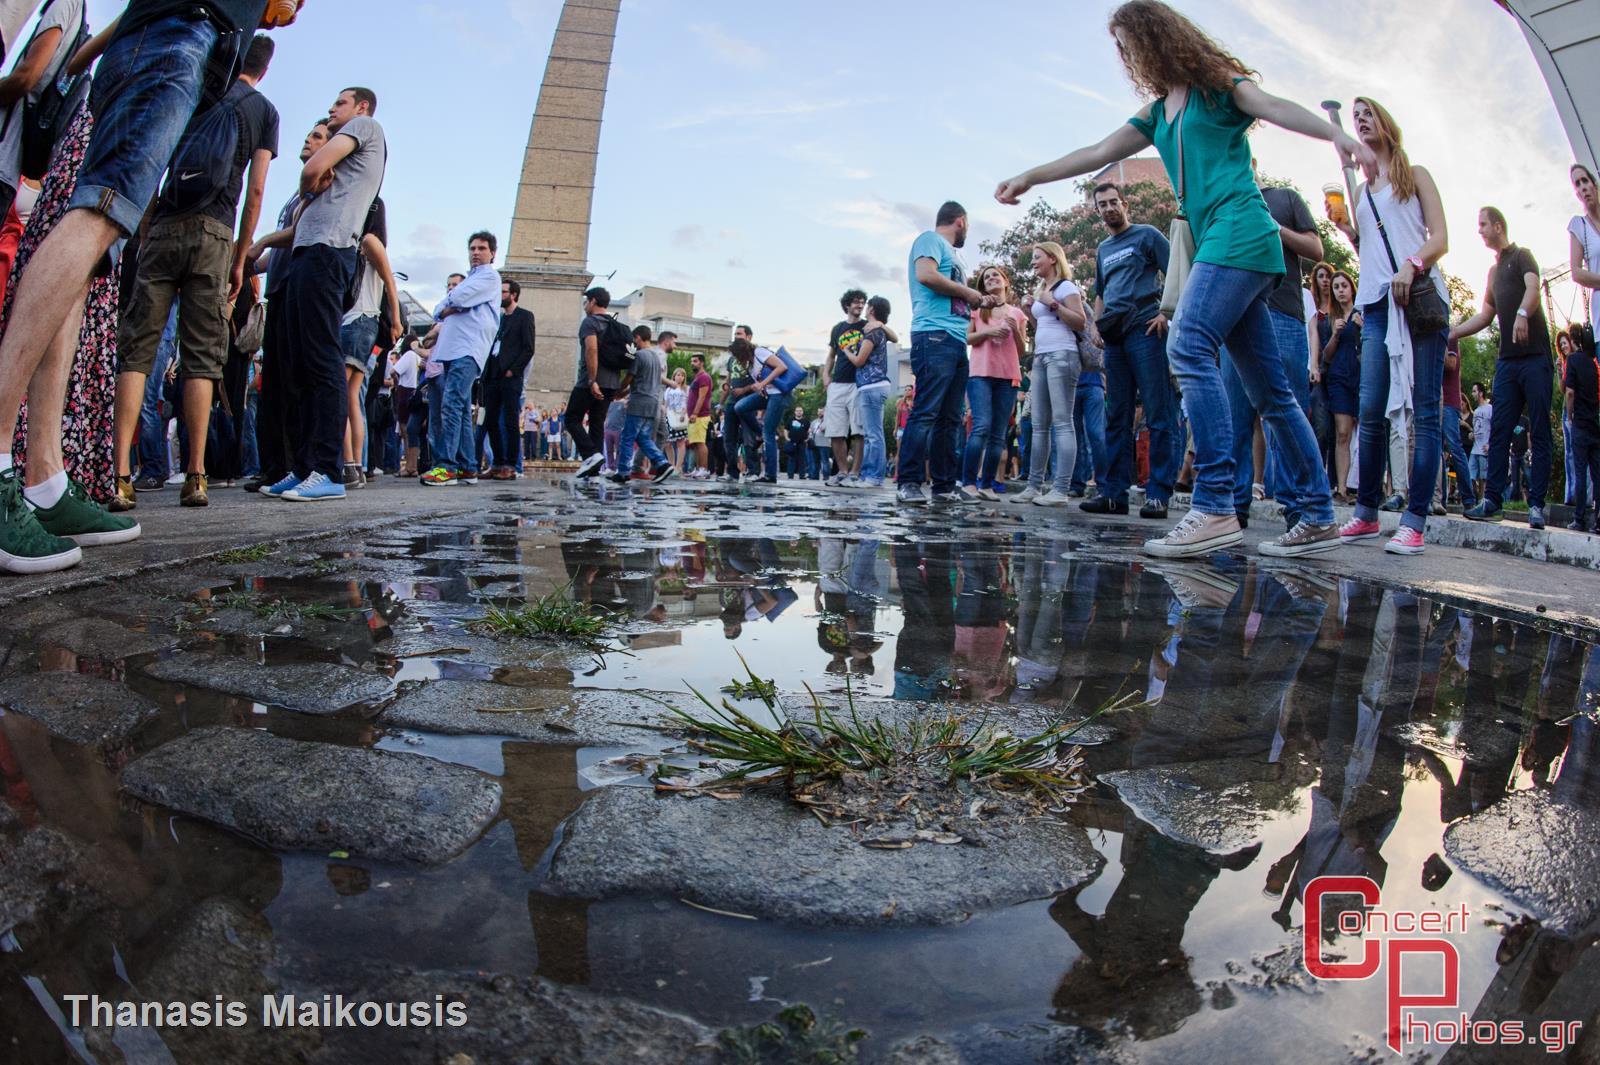 En Lefko 2014-En Lefko 2014 photographer: Thanasis Maikousis - concertphotos_20140620_20_15_21